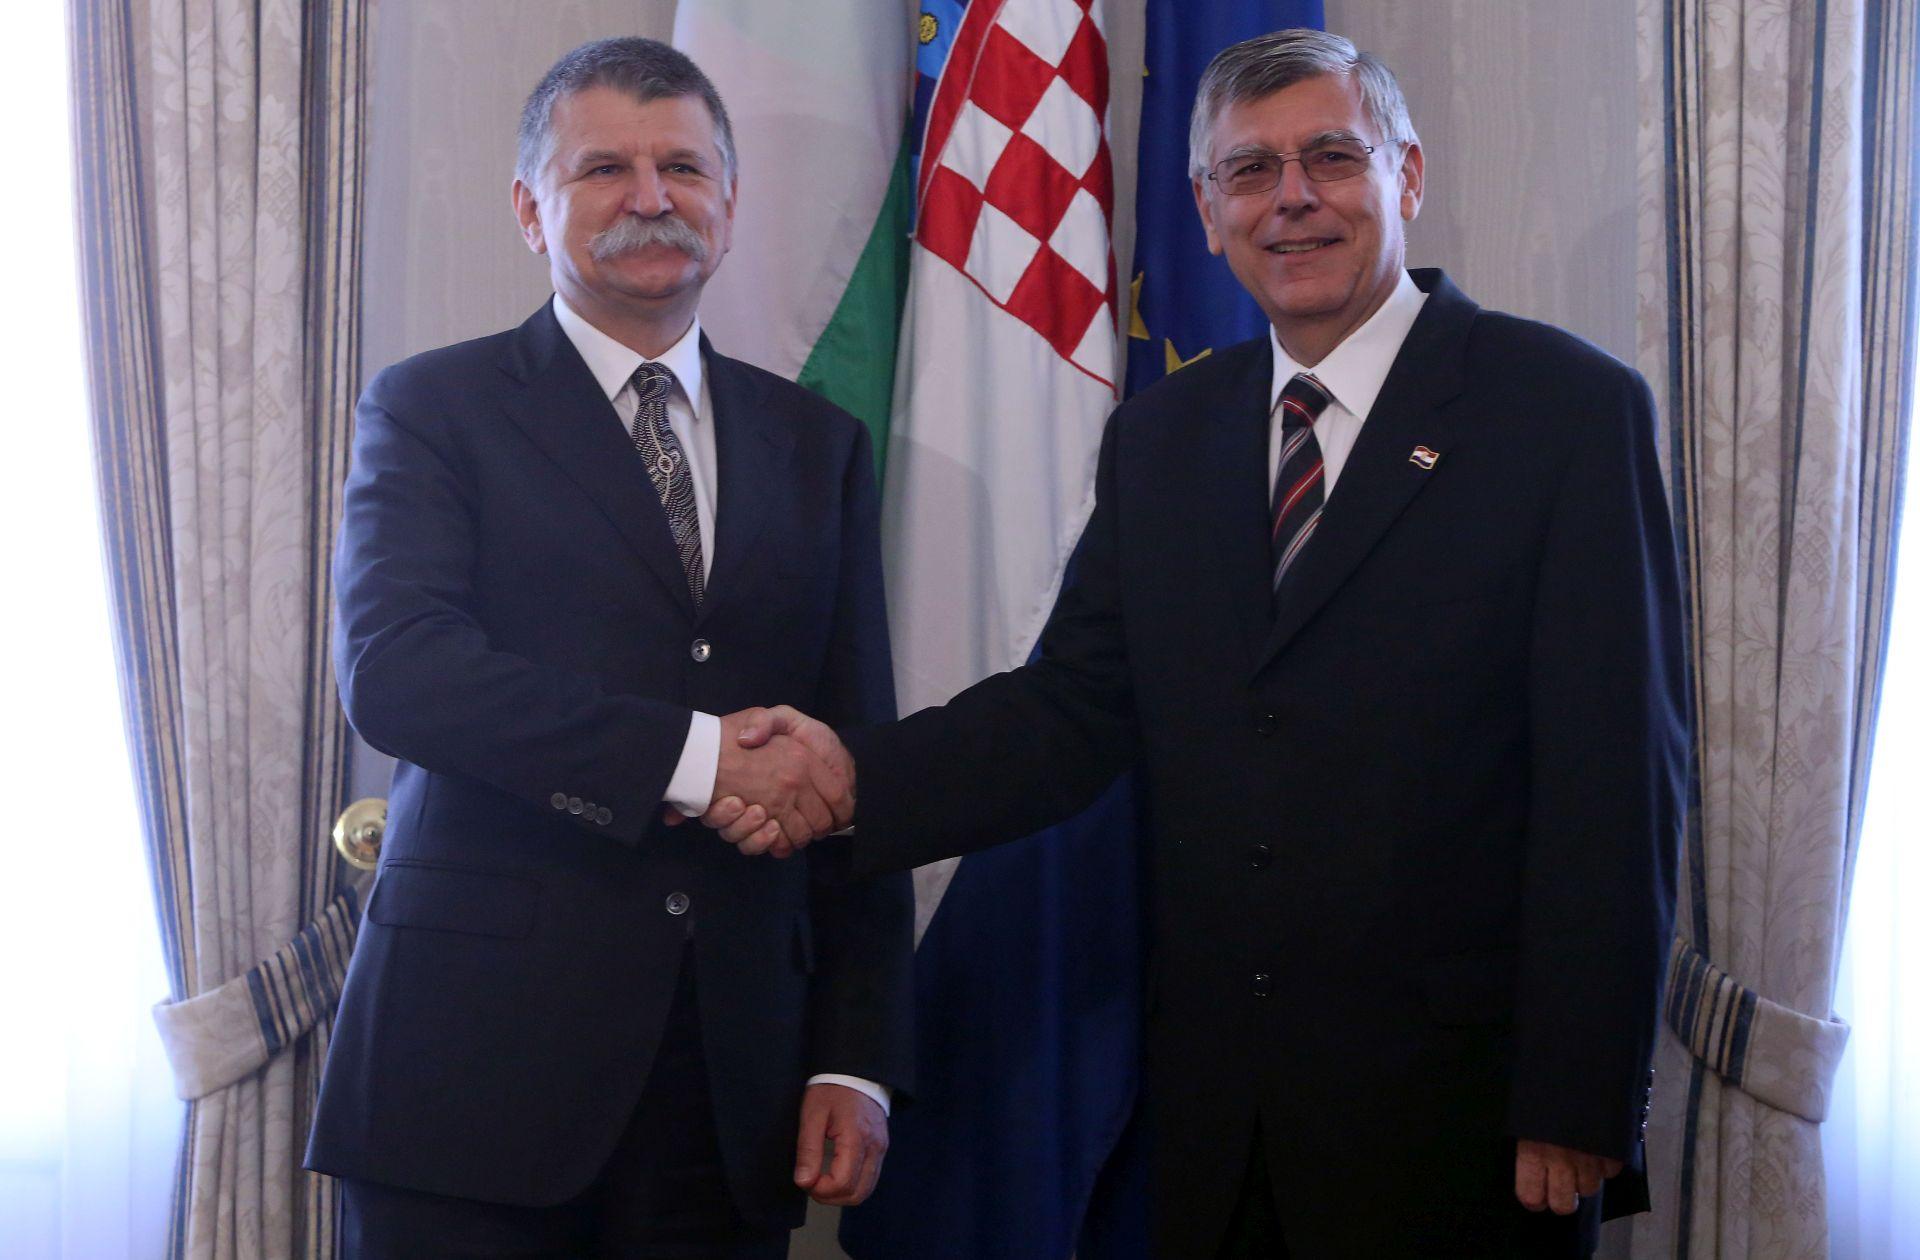 Reiner i Kover: Mađarska i Hrvatska za civilizirano rješavanje otvorenih pitanja